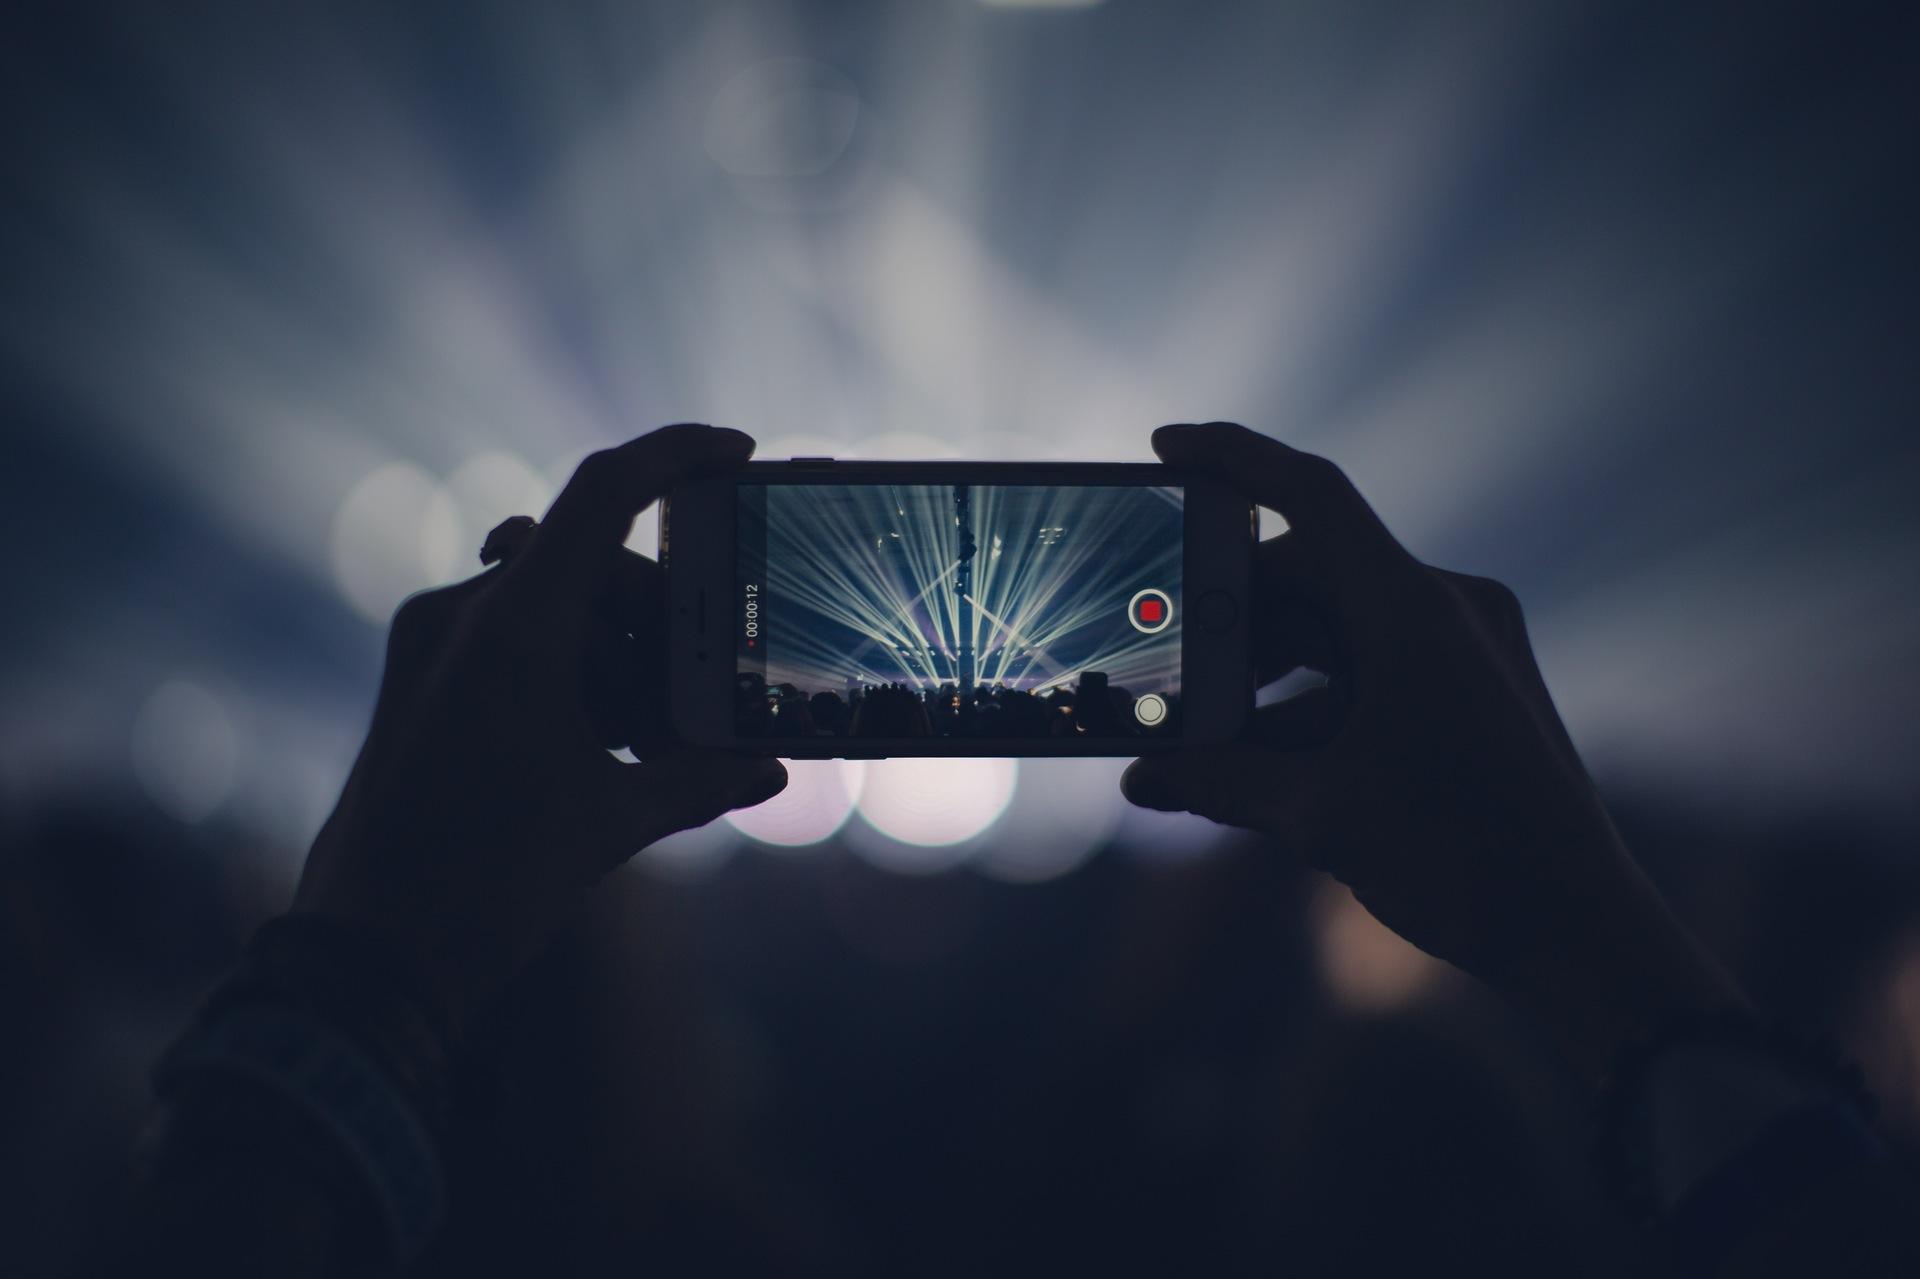 concerto, partito, Mobile, luci, ricordi, video, registrazione - Sfondi HD - Professor-falken.com